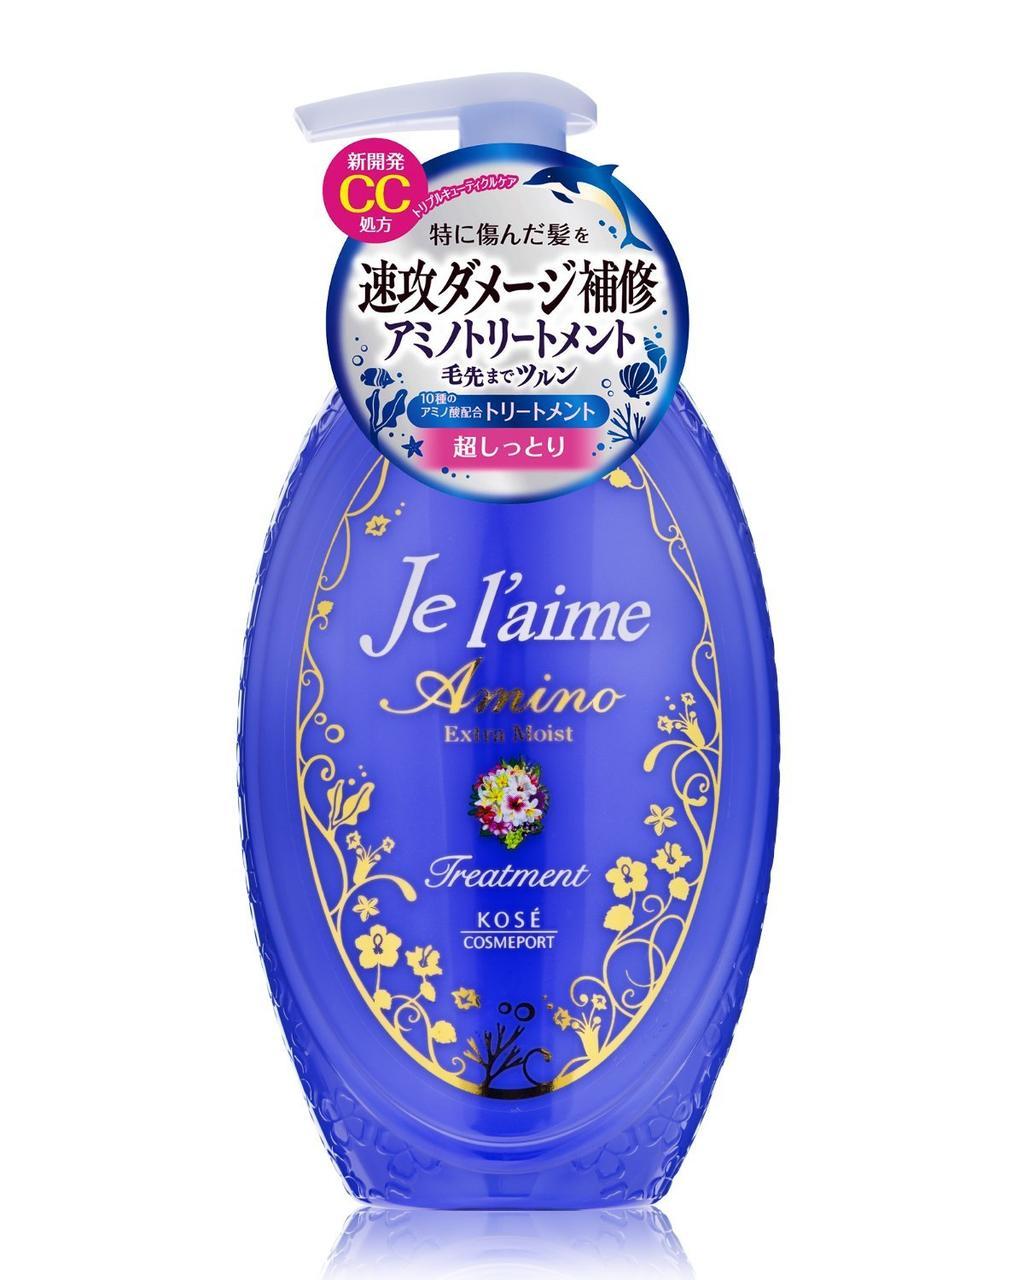 Тритмент Kose с аминокислотами для поврежденных волос Экстраувлажнение Je l'aime 500 мл (387704)